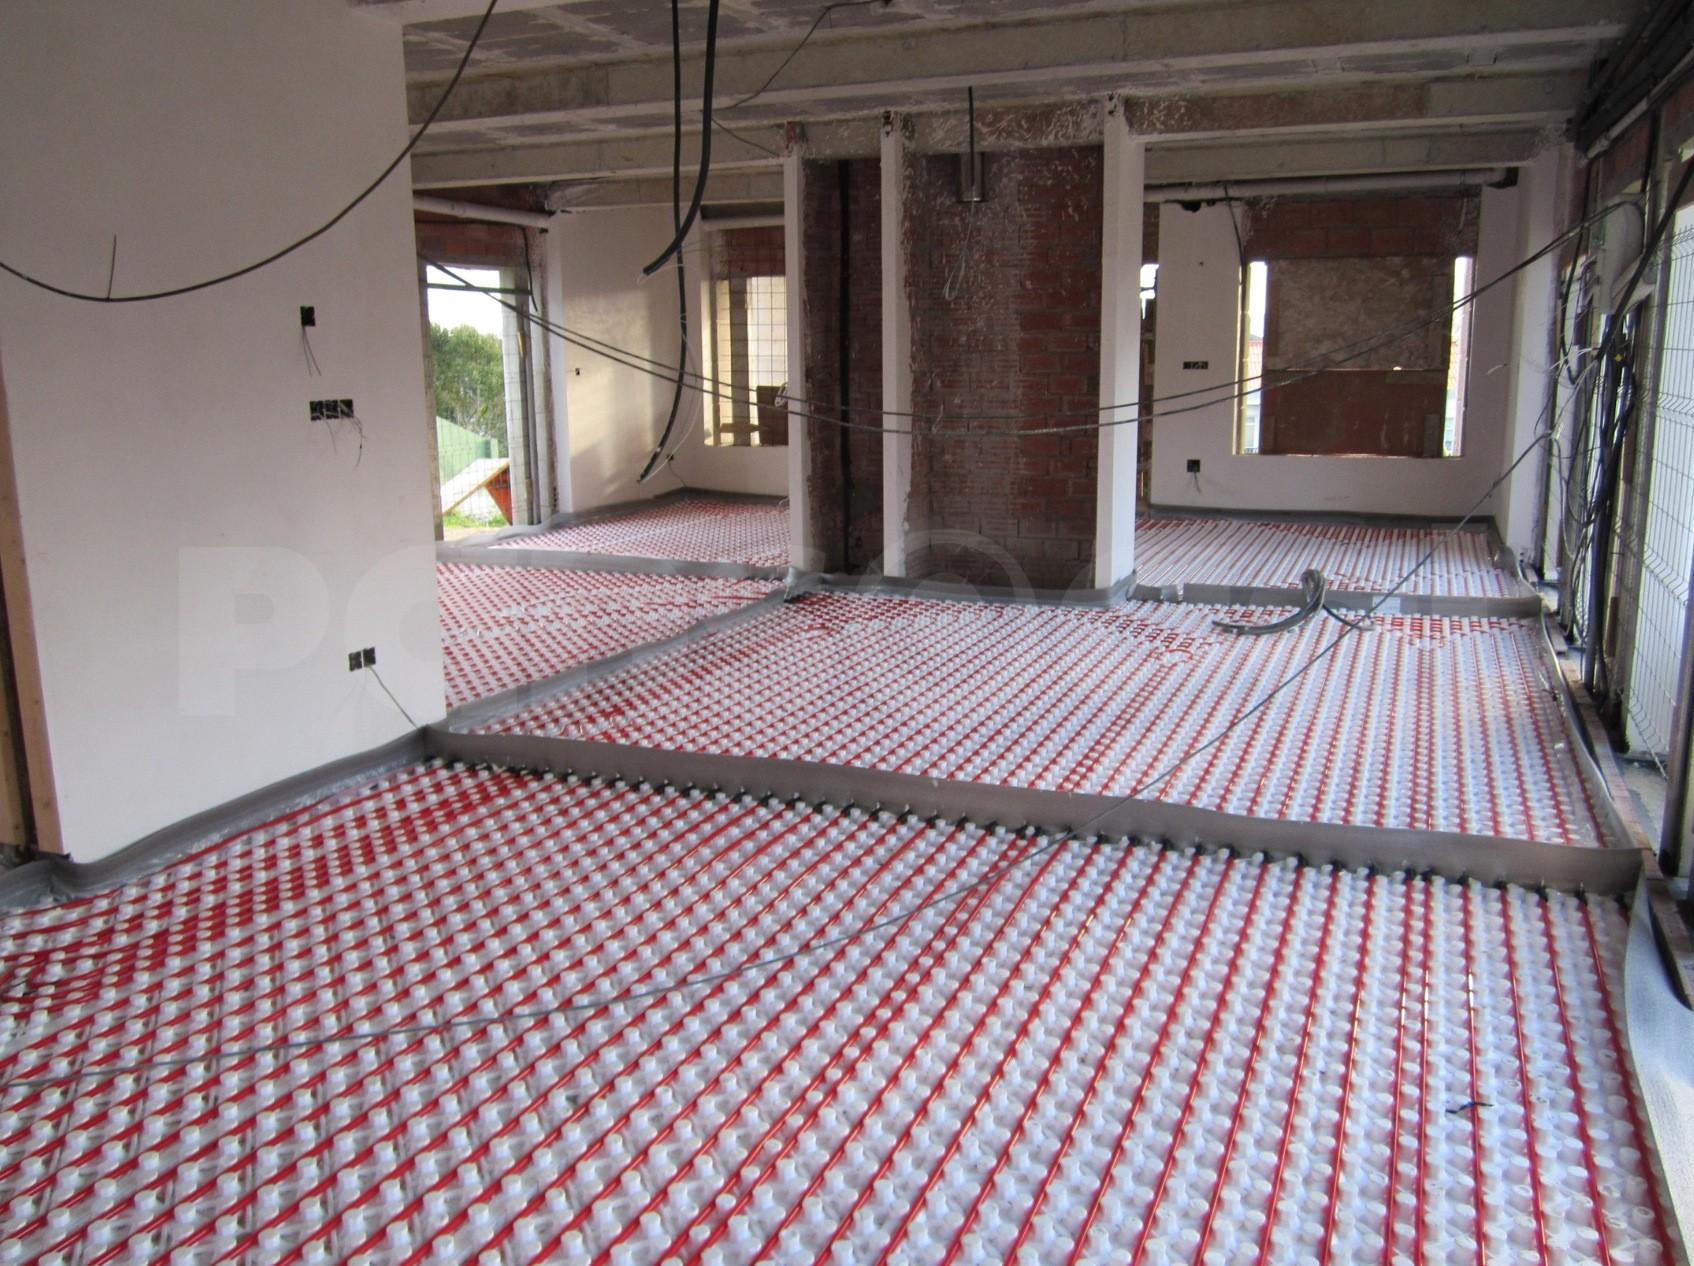 Instalaci n de colectores suelo radiante en galicia - Ventajas suelo radiante ...